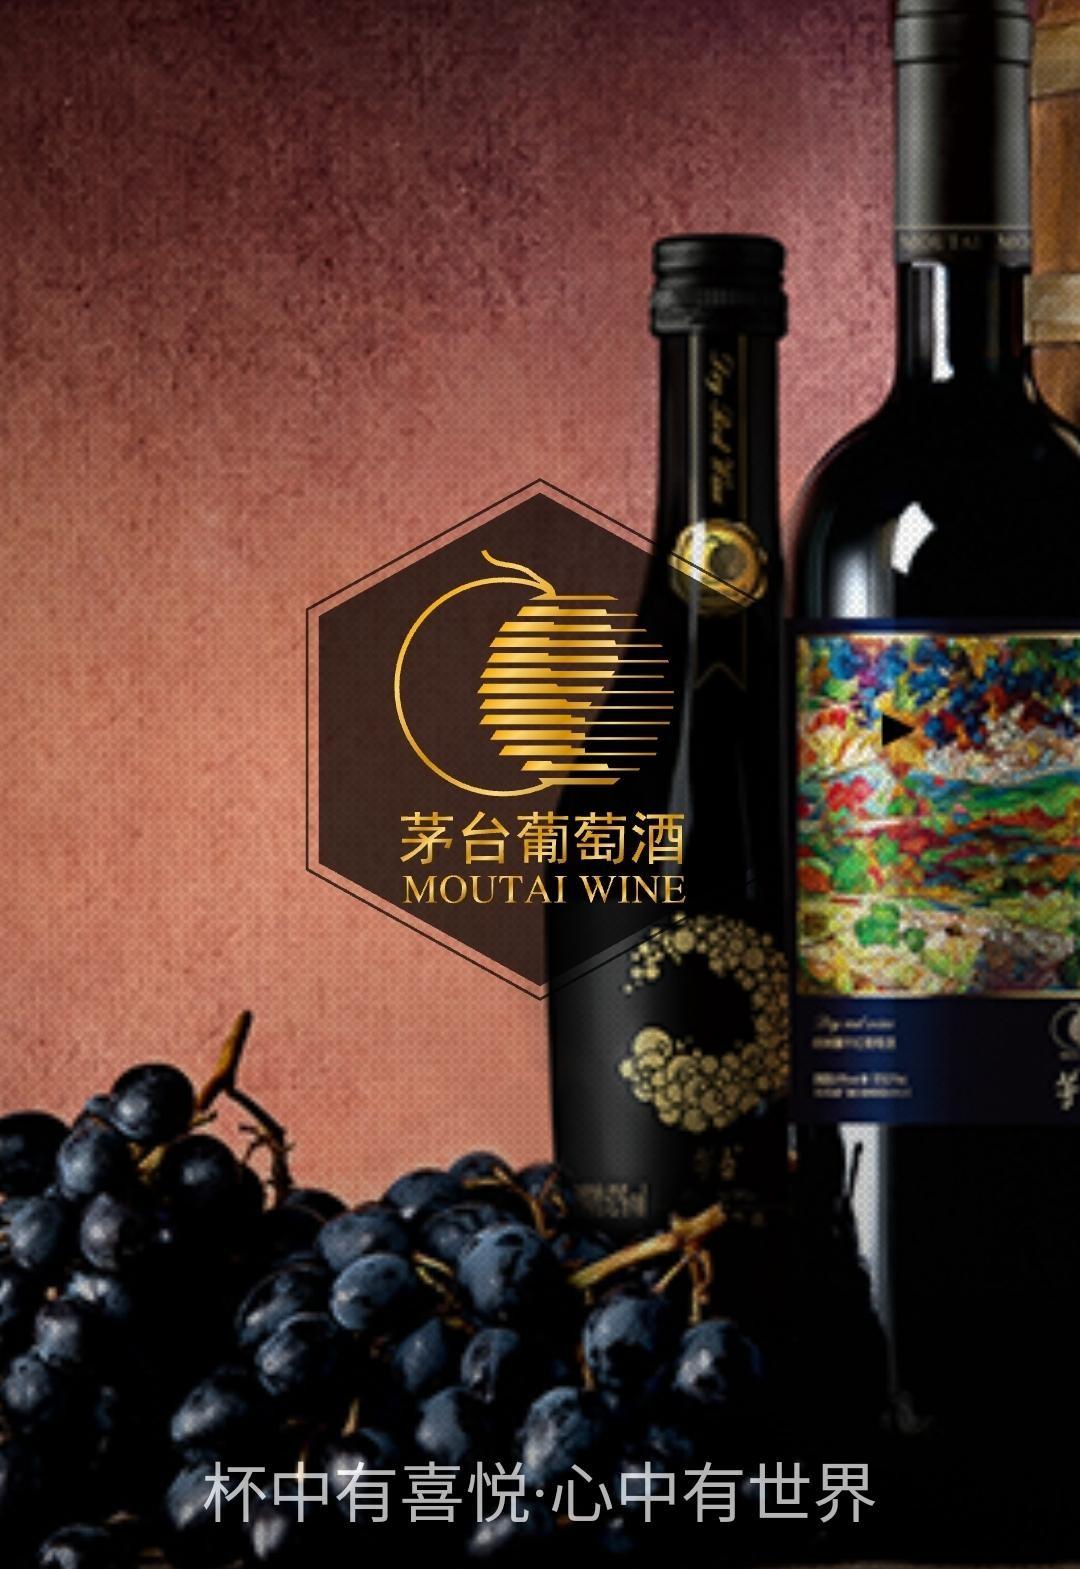 精选茅台佳酿,酒轩阁致力于讲好中国葡萄酒故事,推动酒行业健康发展